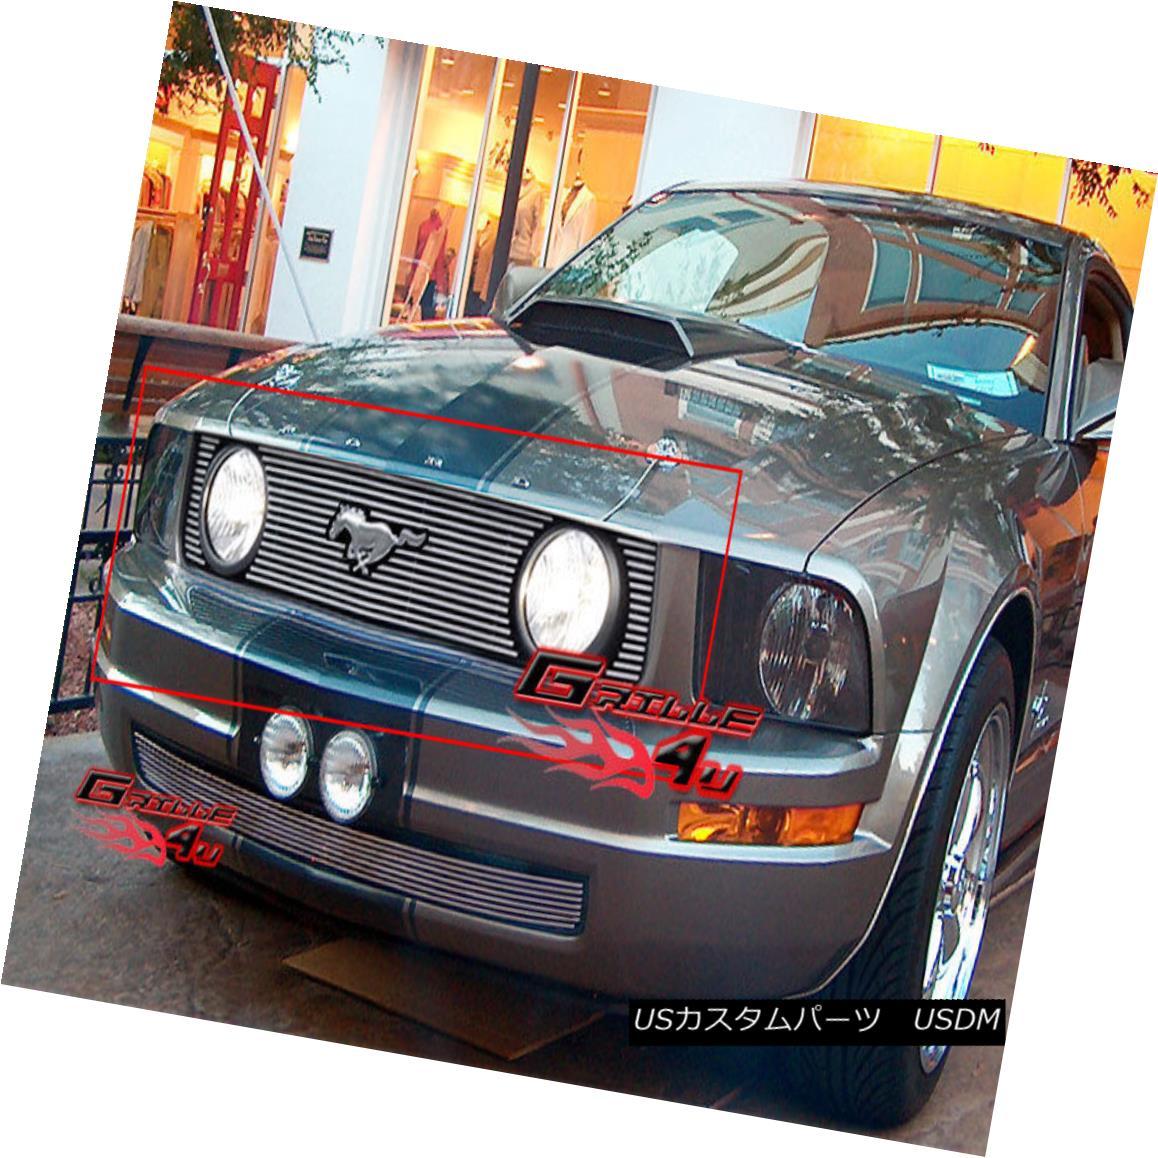 グリル Fits 2005-2009 Ford Mustang GT V8 Main Upper Billet Grille Insert フィット2005-2009フォードマスタングGT V8メインアッパービレットグリルインサート